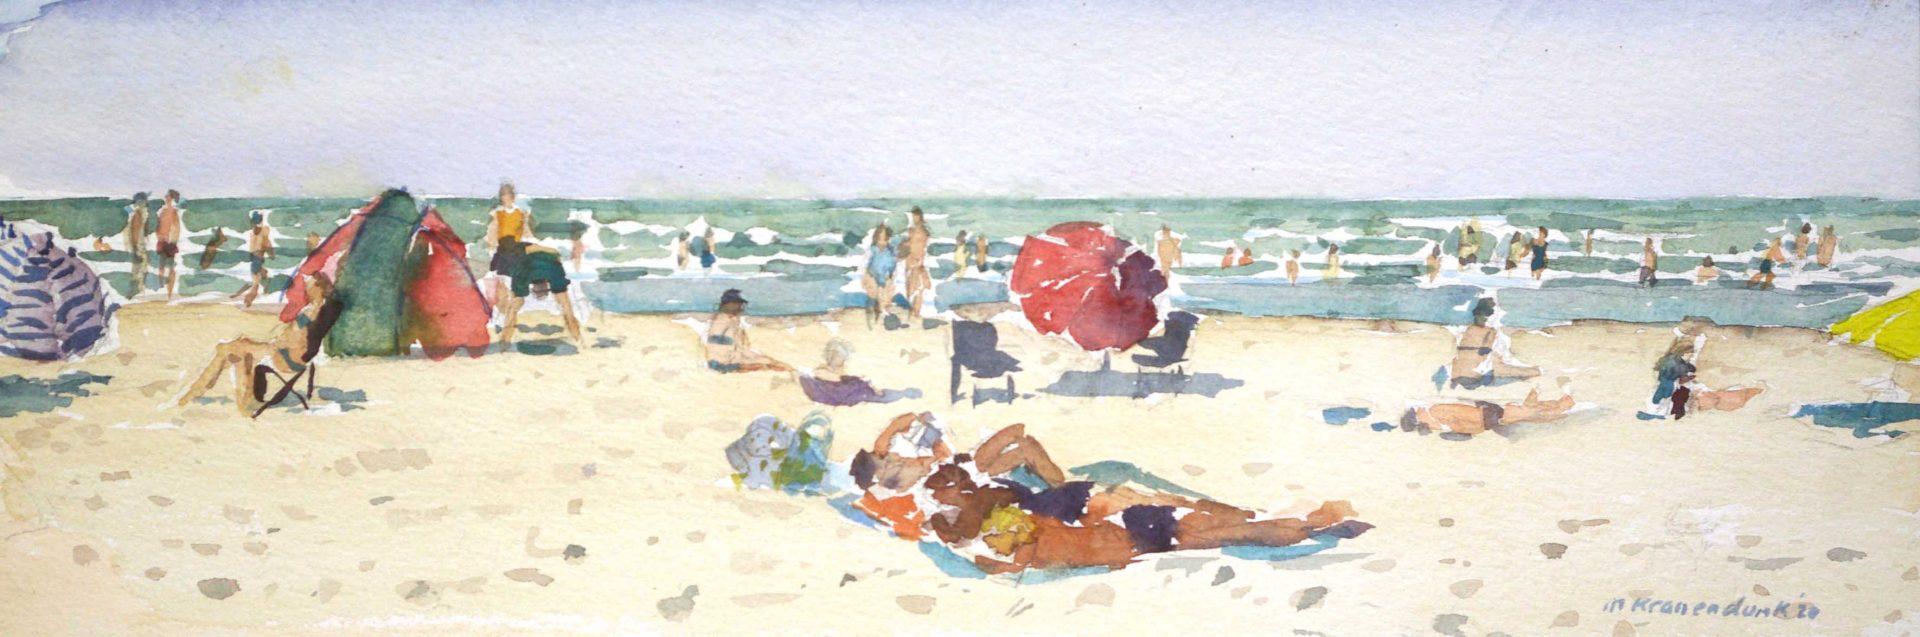 Aquarel schilderij van Zonnig strand Terschelling met badgasten, vrolijk